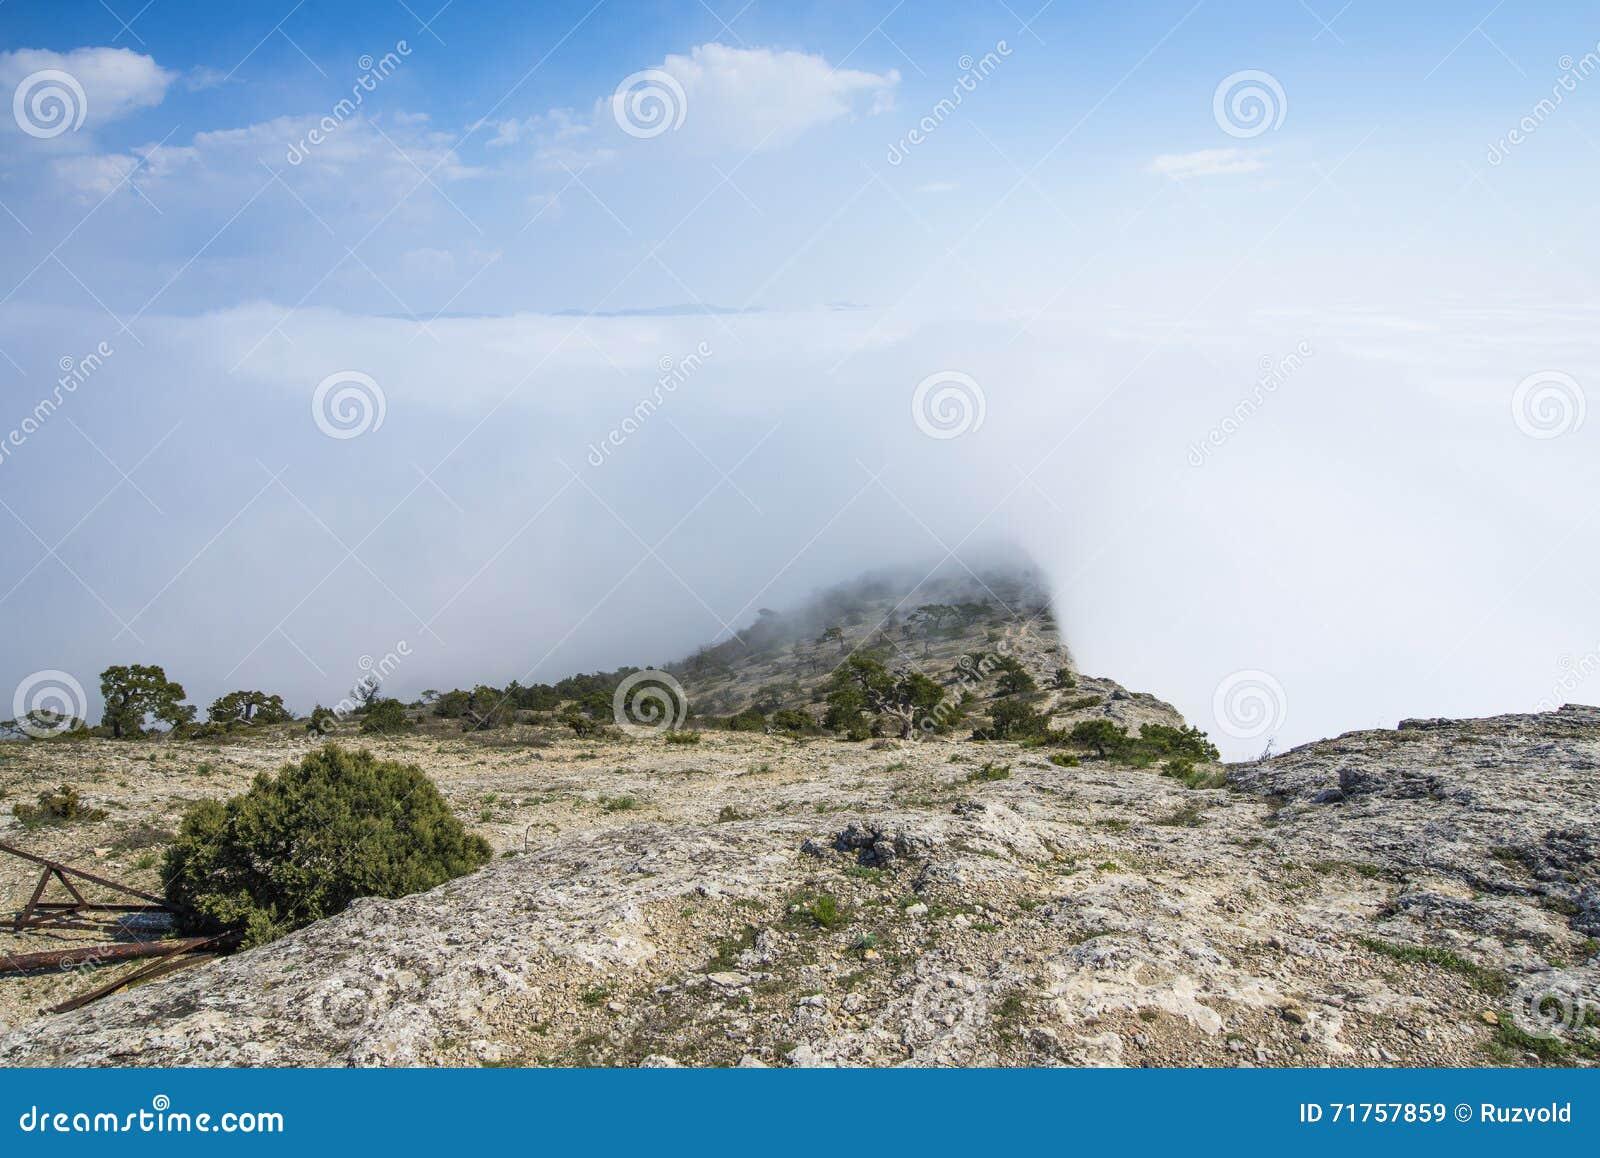 Άποψη από τη δύσκολη κορυφή του βουνού επάνω από τα σύννεφα